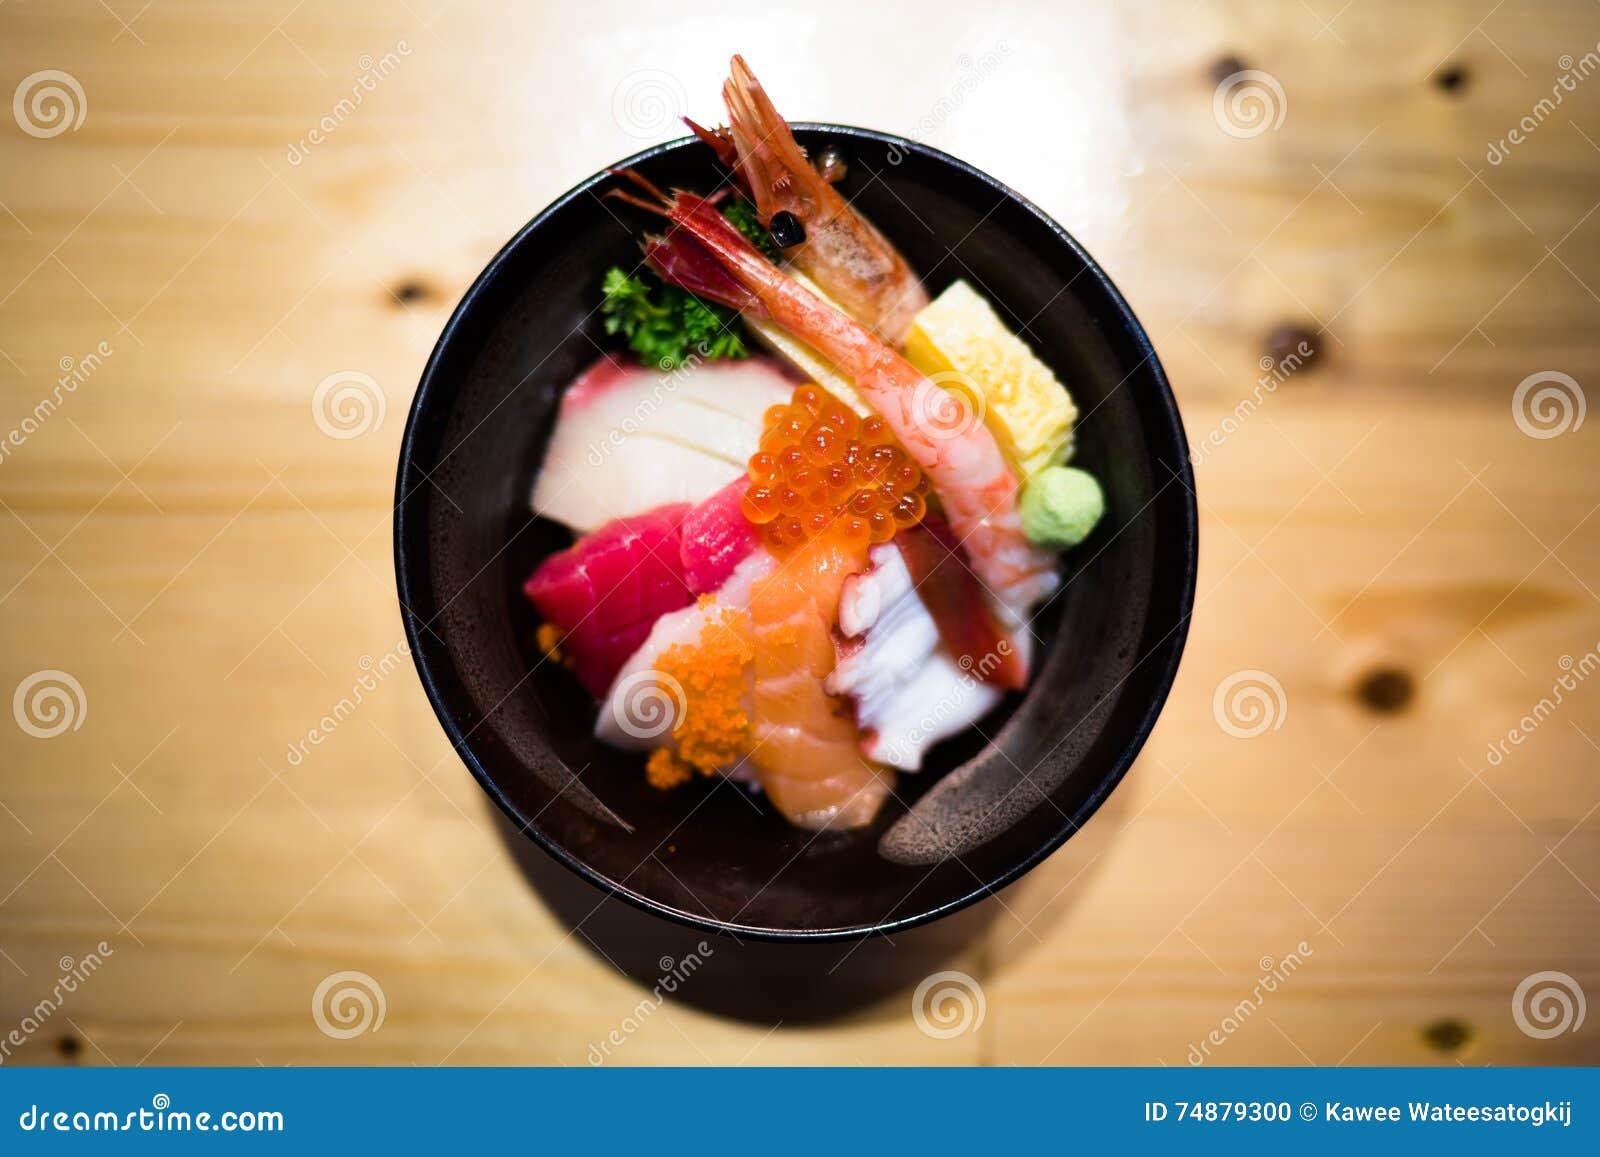 O sushi de Chirashi, bacia de arroz japonesa do alimento com o sashimi salmon cru, marisco misturado, vista superior, escurece a